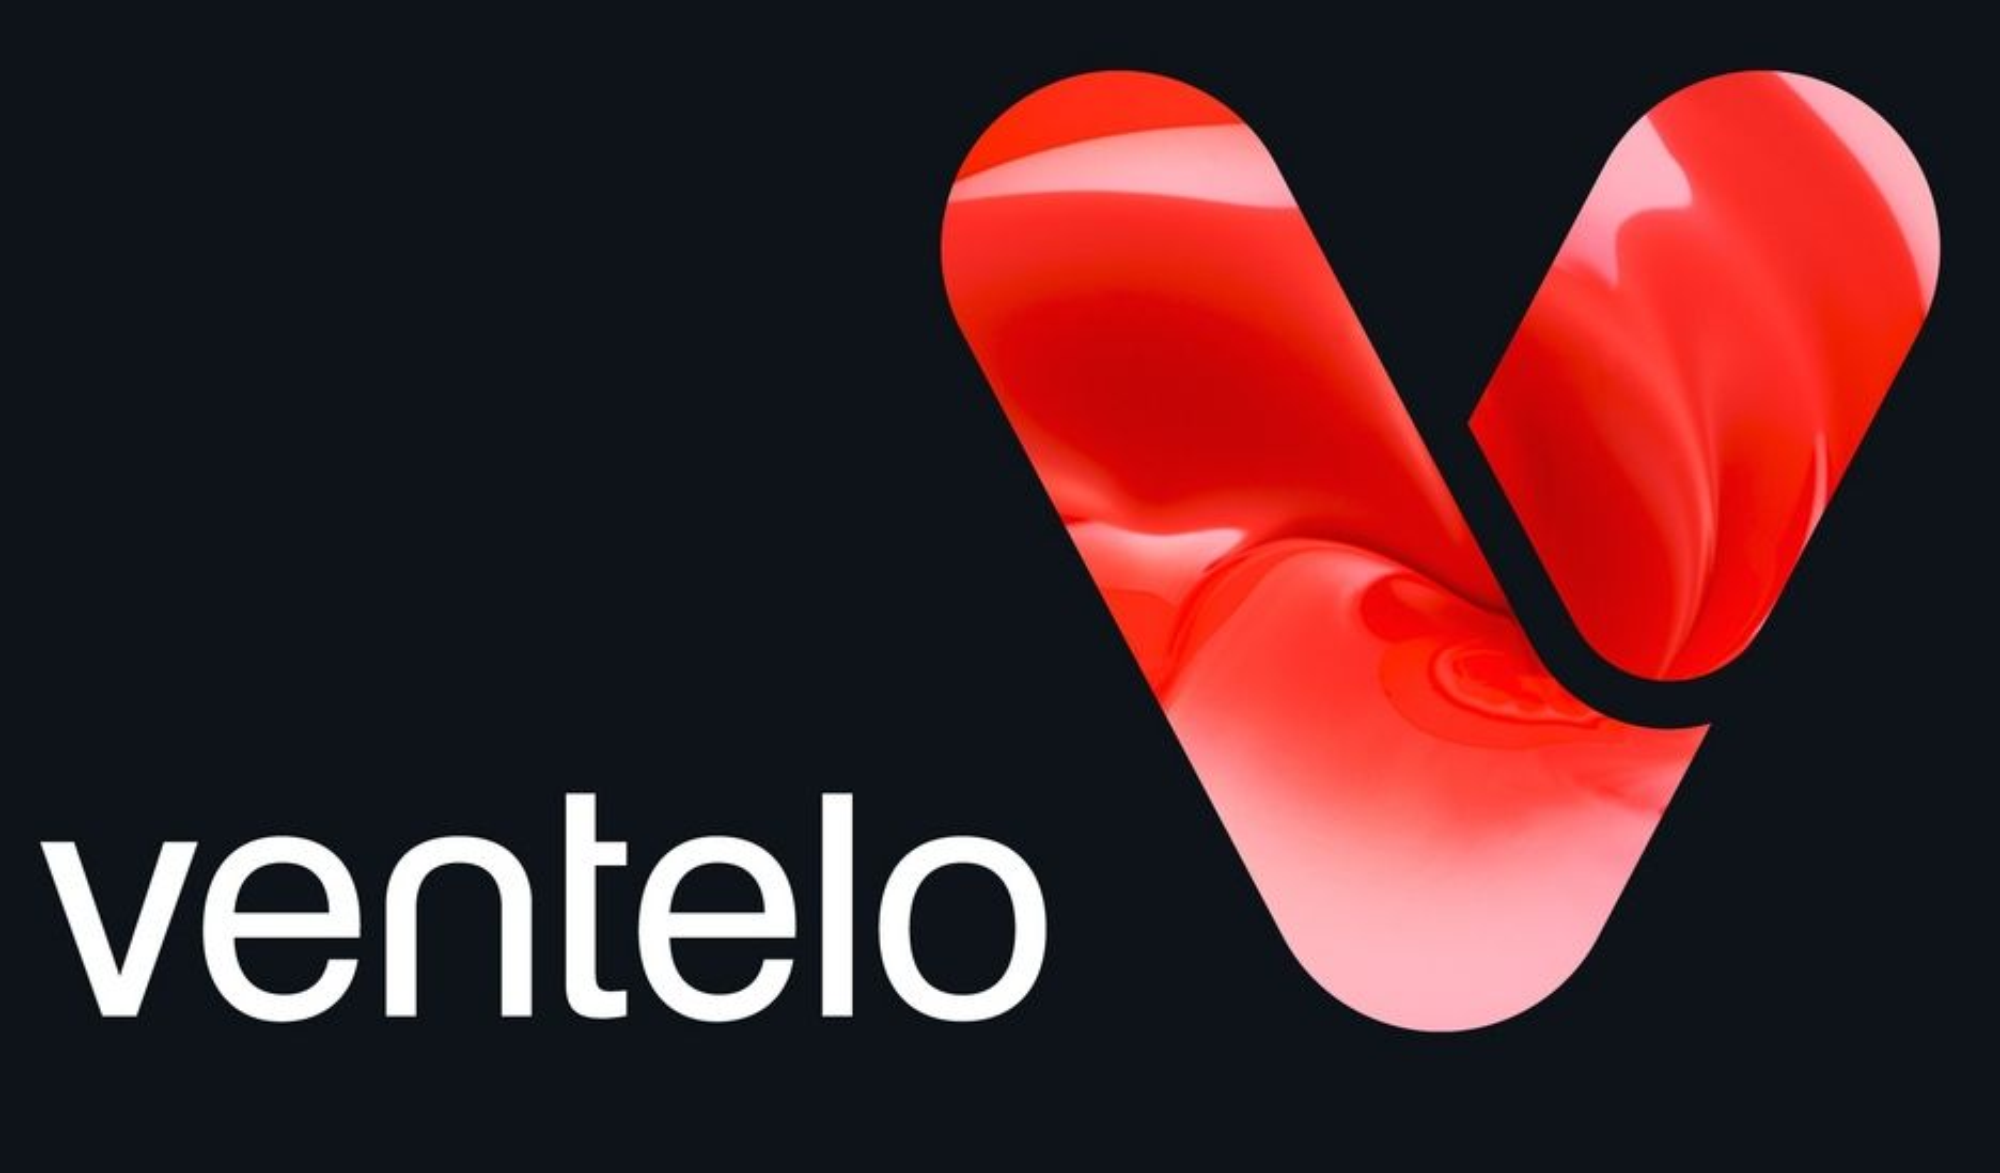 NY DRAKT: Med denne logoen samles Ventelo, Bredbåndsalliansen og Banetele i ett telekomkonsern.